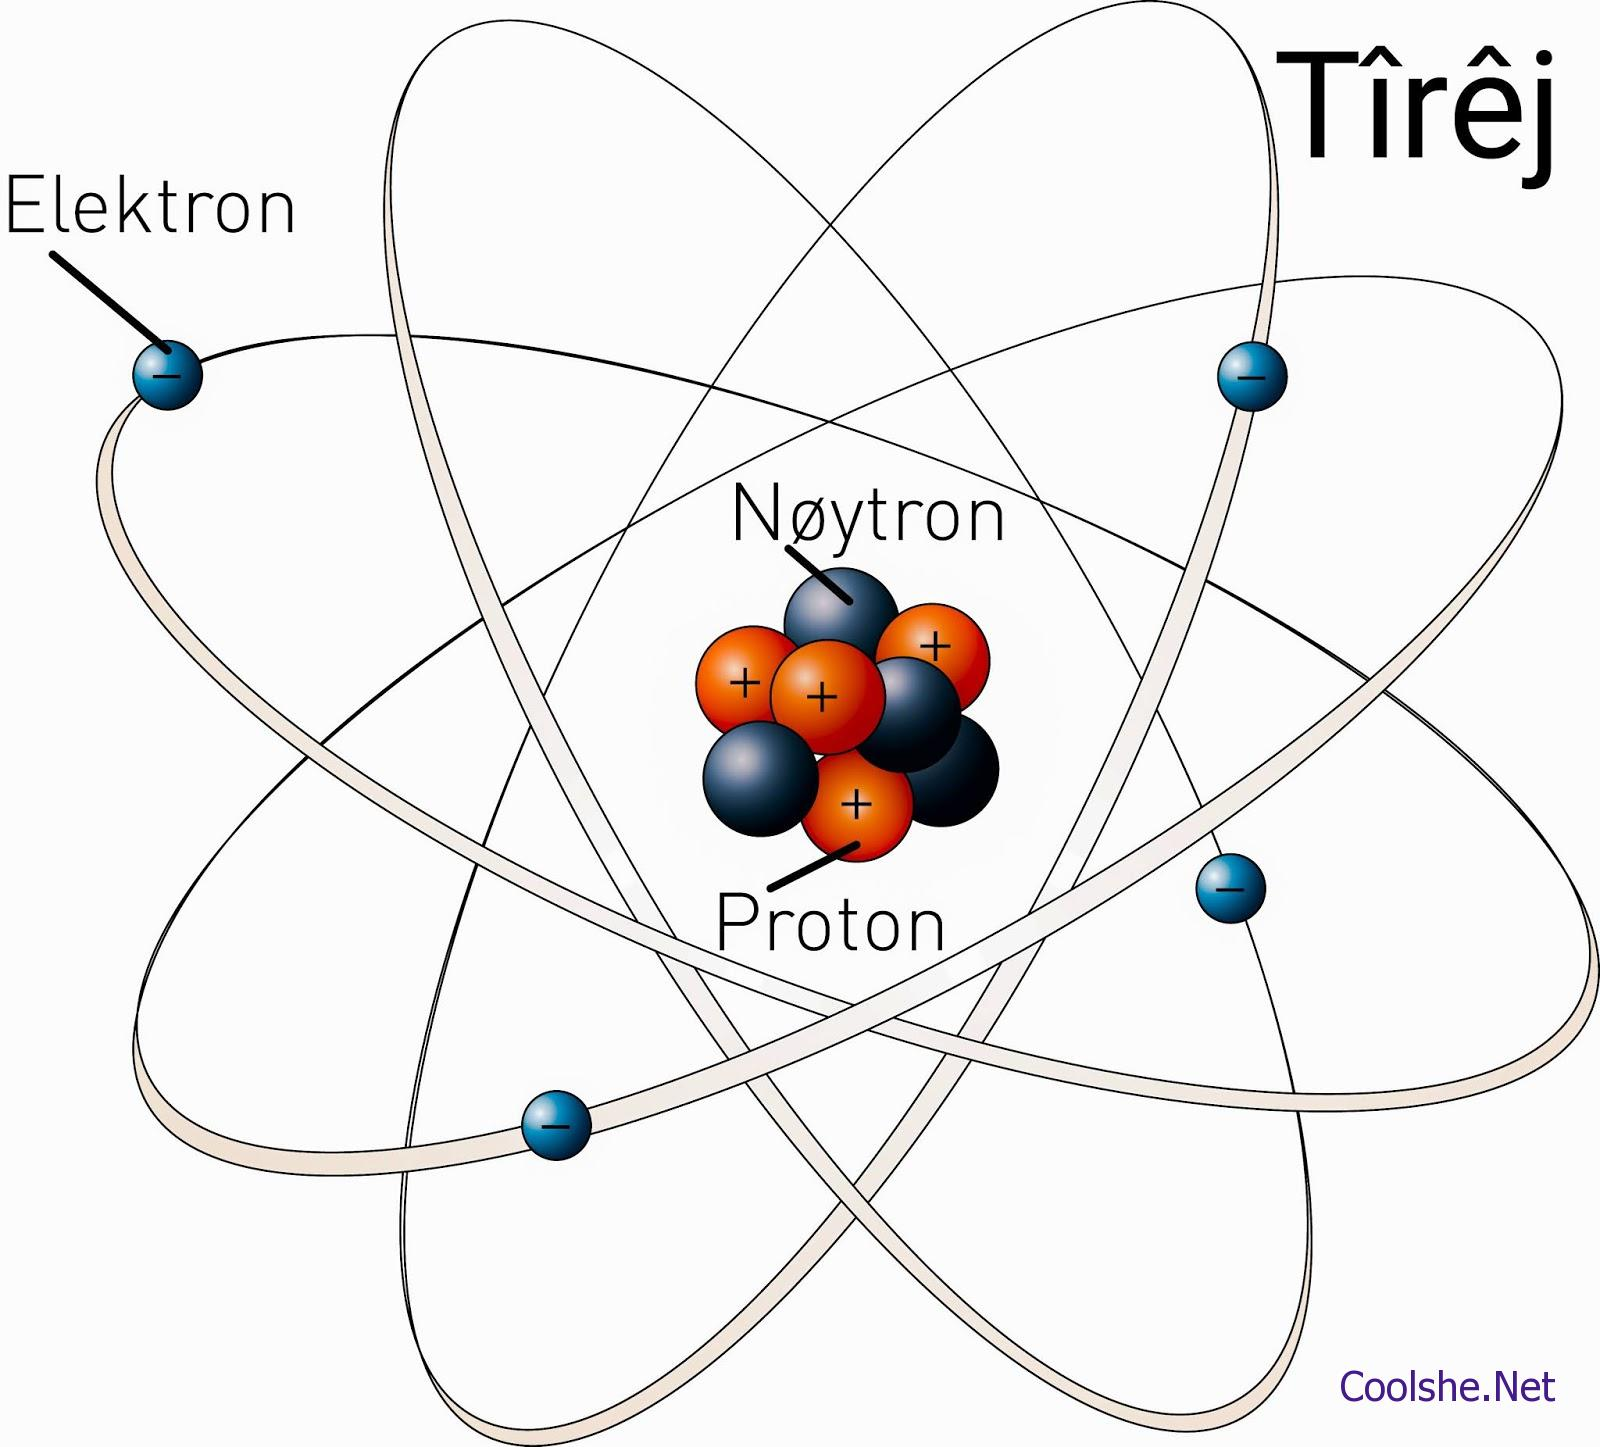 تسمى الرابطة الناتجة عن تشارك الذرات بالإلكترونات رابطة